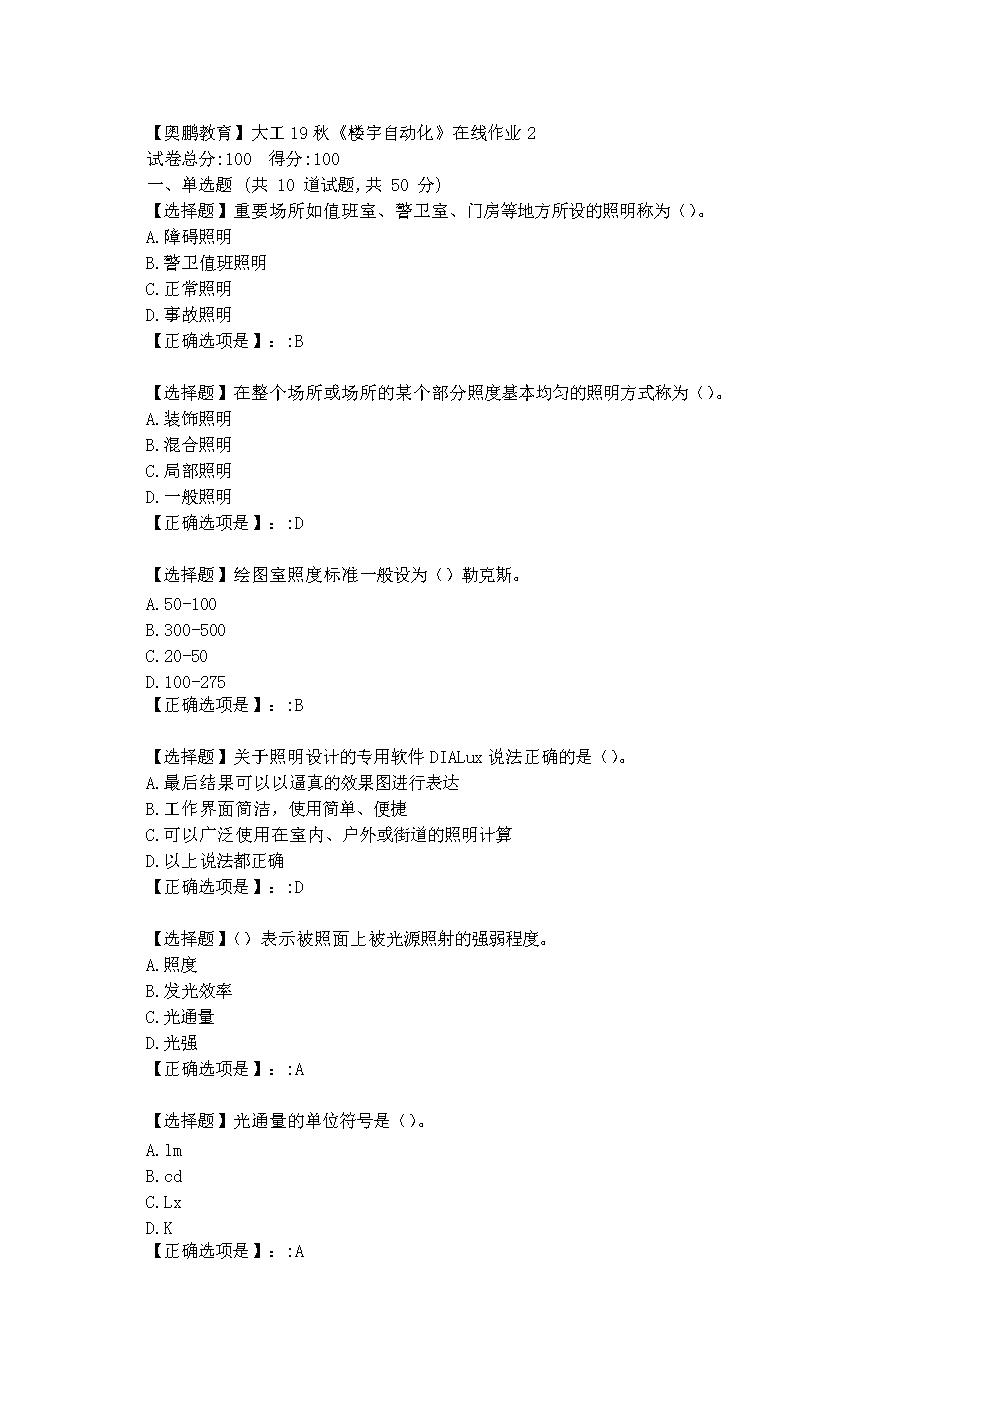 大连理工大学19秋《楼宇自动化》在线作业2学习资料.doc